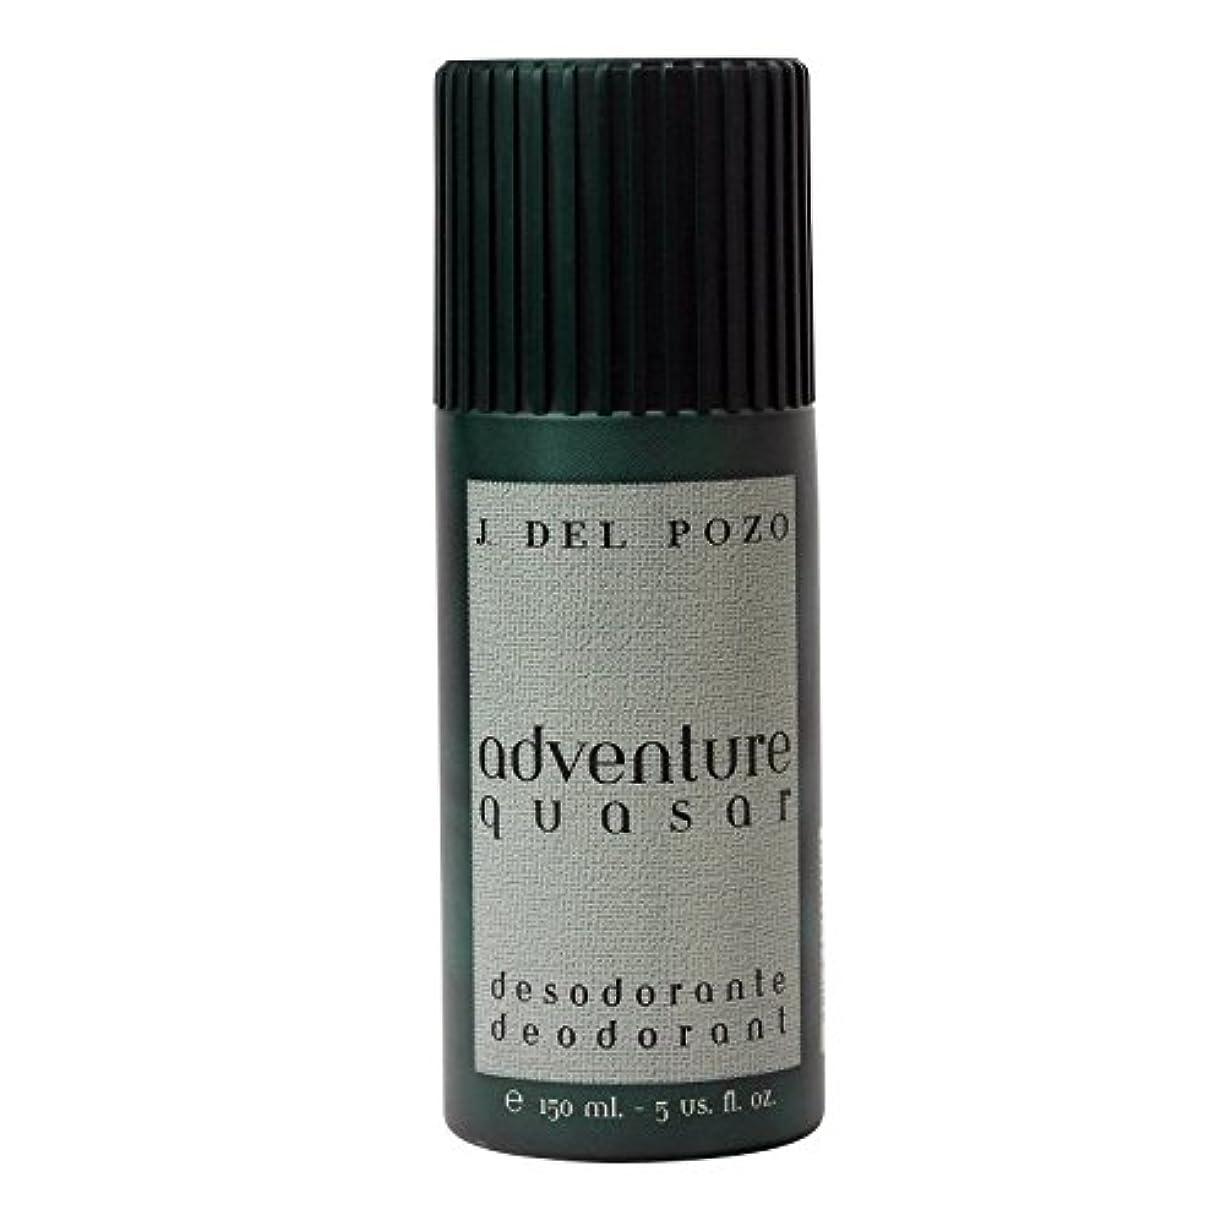 申し立てられた土器酒Adventure Quasar (アドベンチャー クエイサー) 5.0 oz (150ml) Deodorant Spray by J. Del Pozo for Men